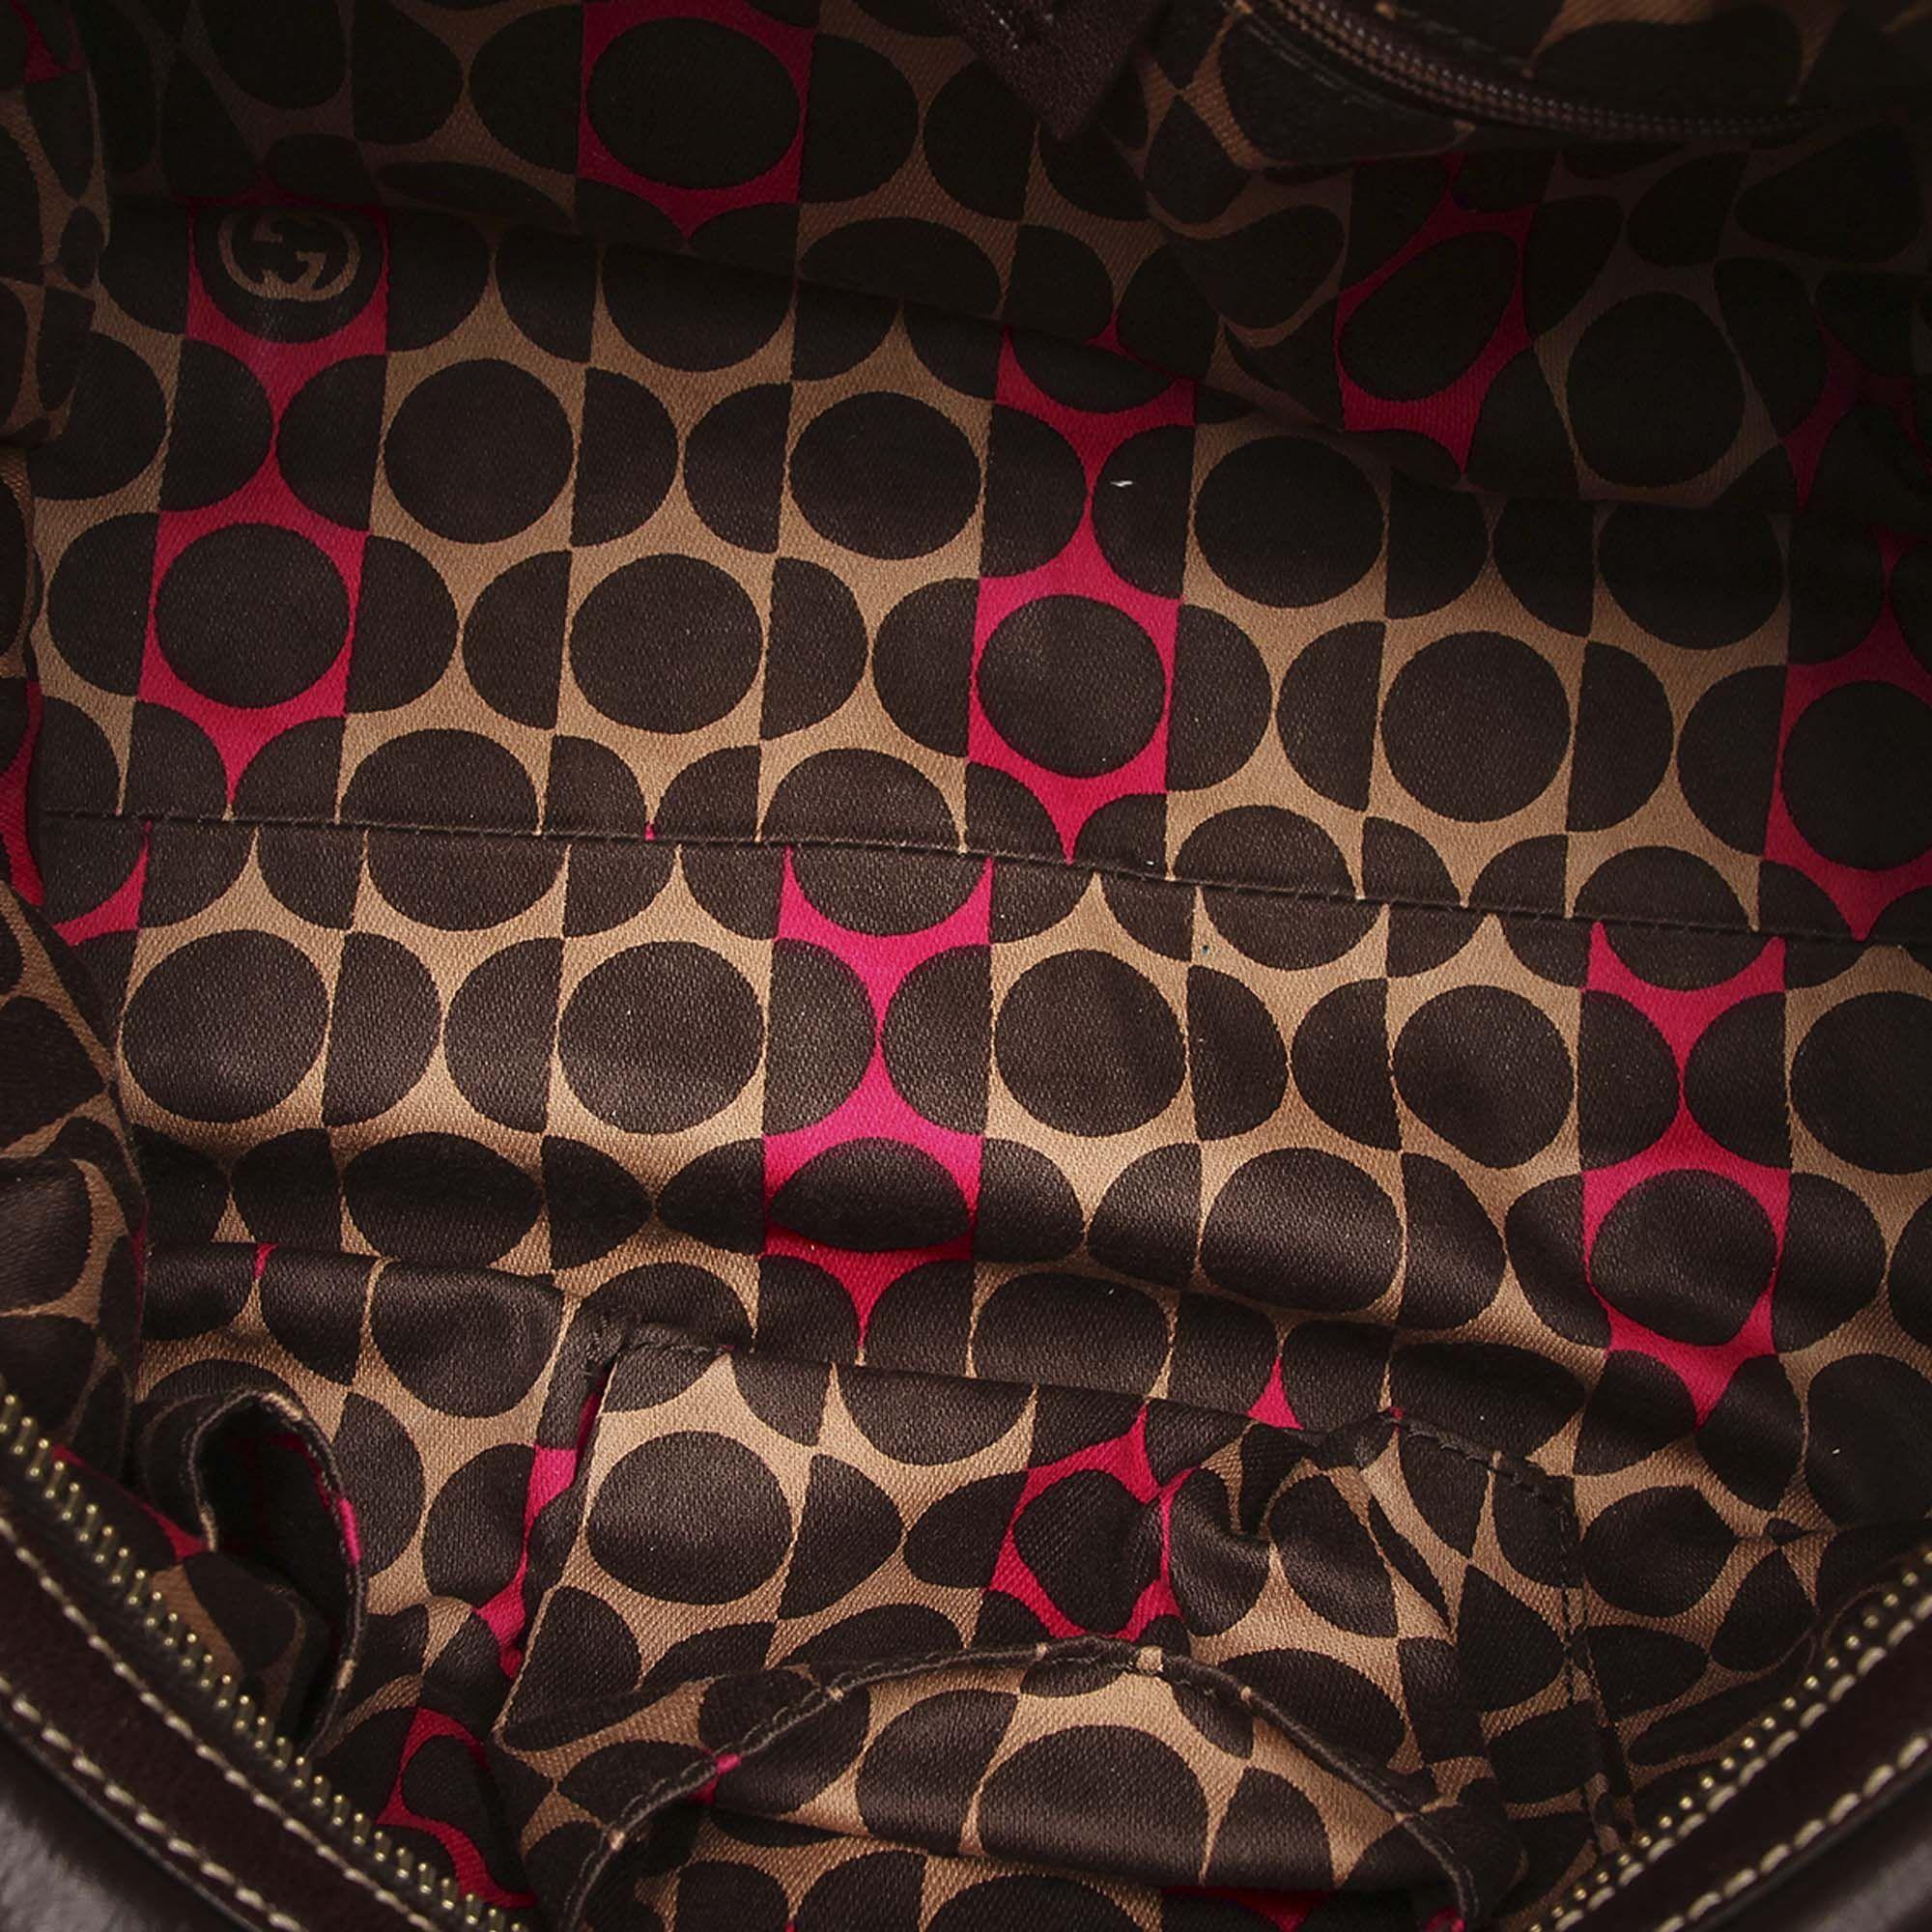 Vintage Gucci Duchessa Leather Handbag Brown